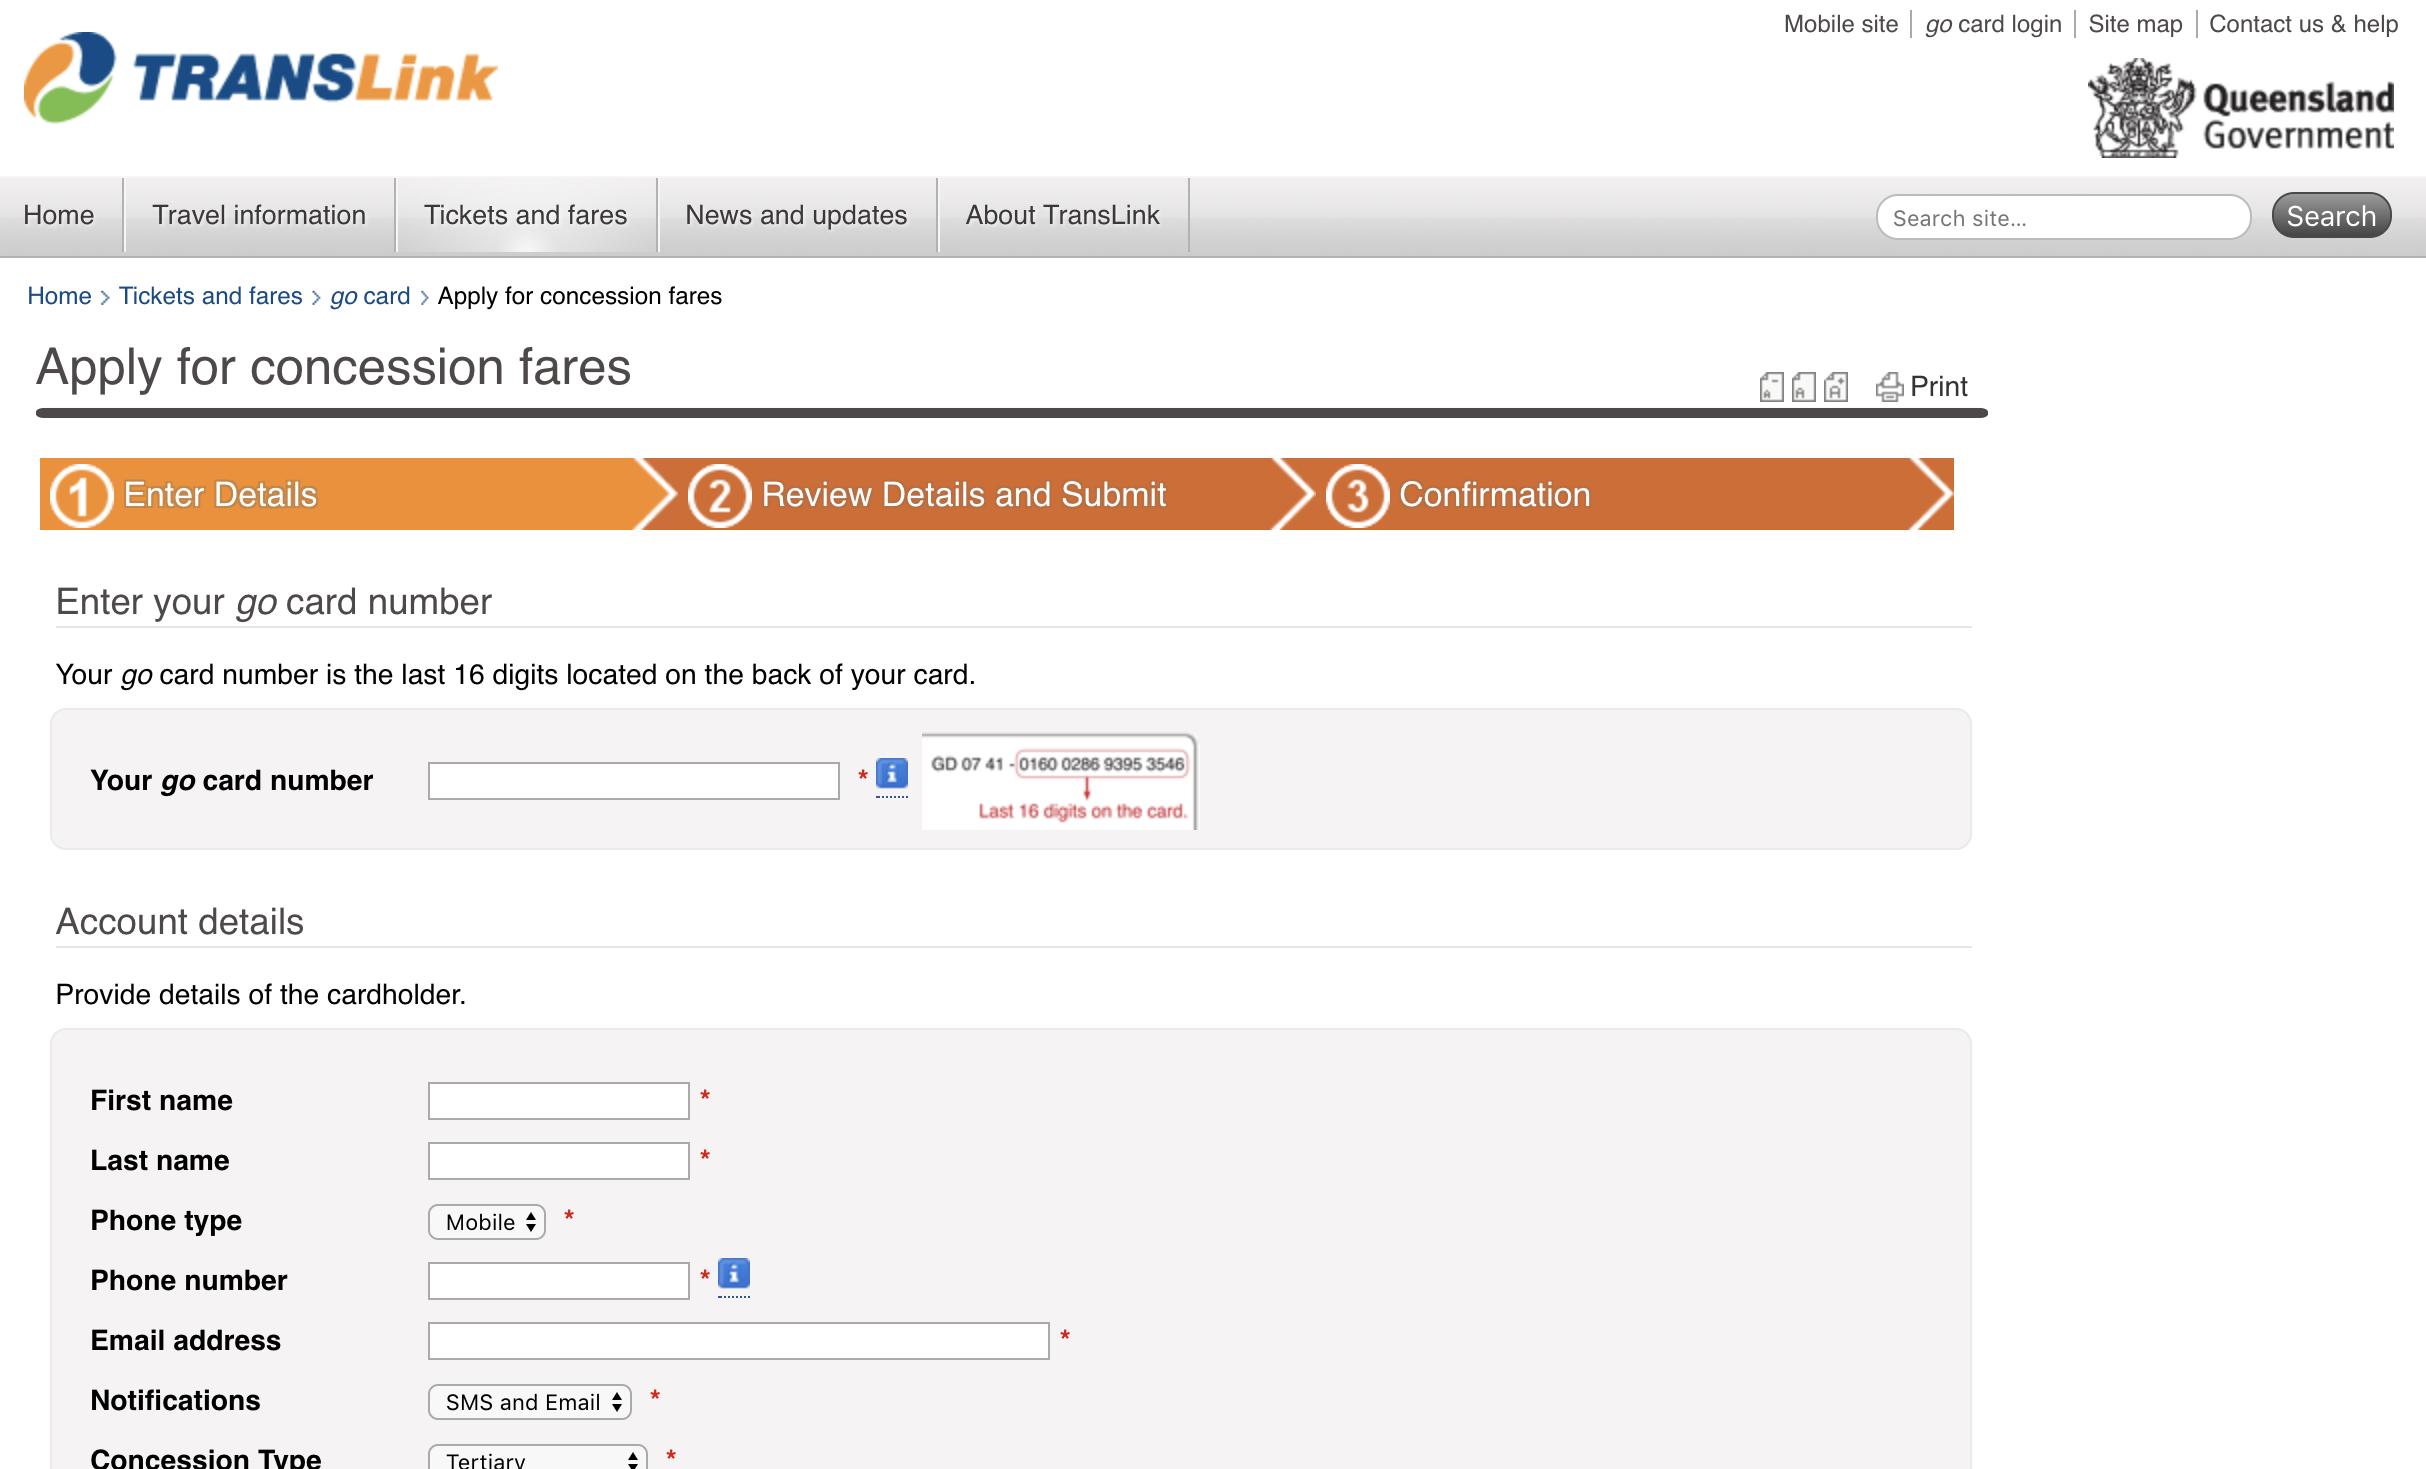 如何申请澳洲昆士兰州学生交通优惠折扣(Translink Concession)